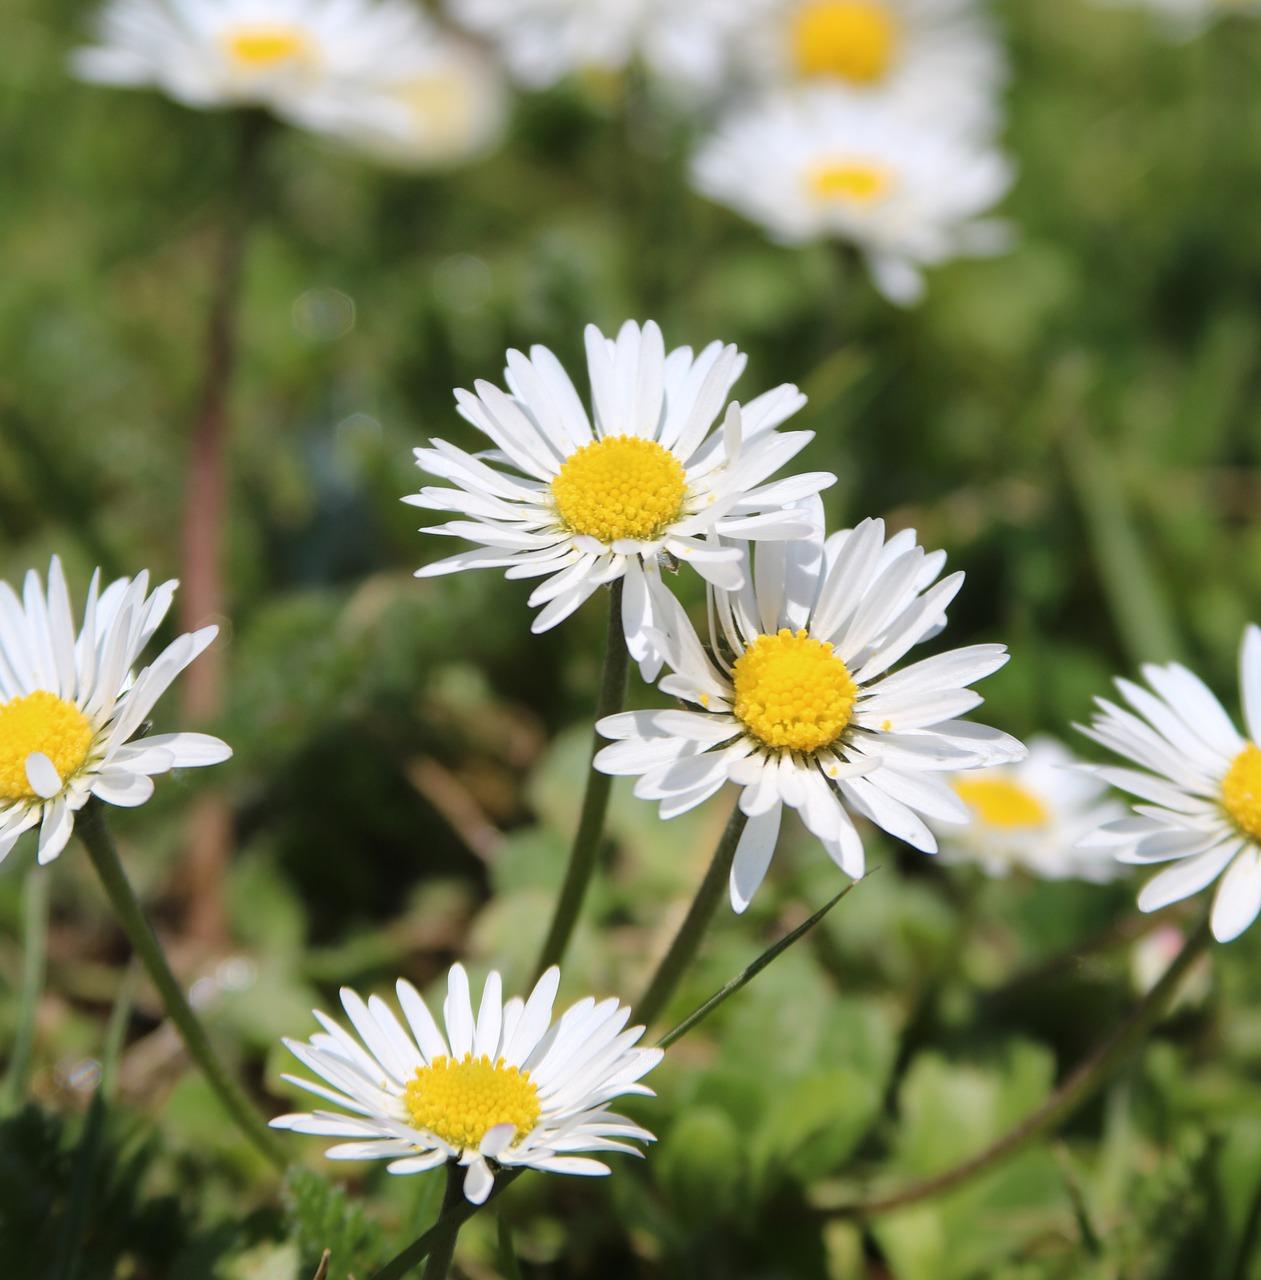 Daisiesflowergrass free photo from needpix daisies flower grass izmirmasajfo